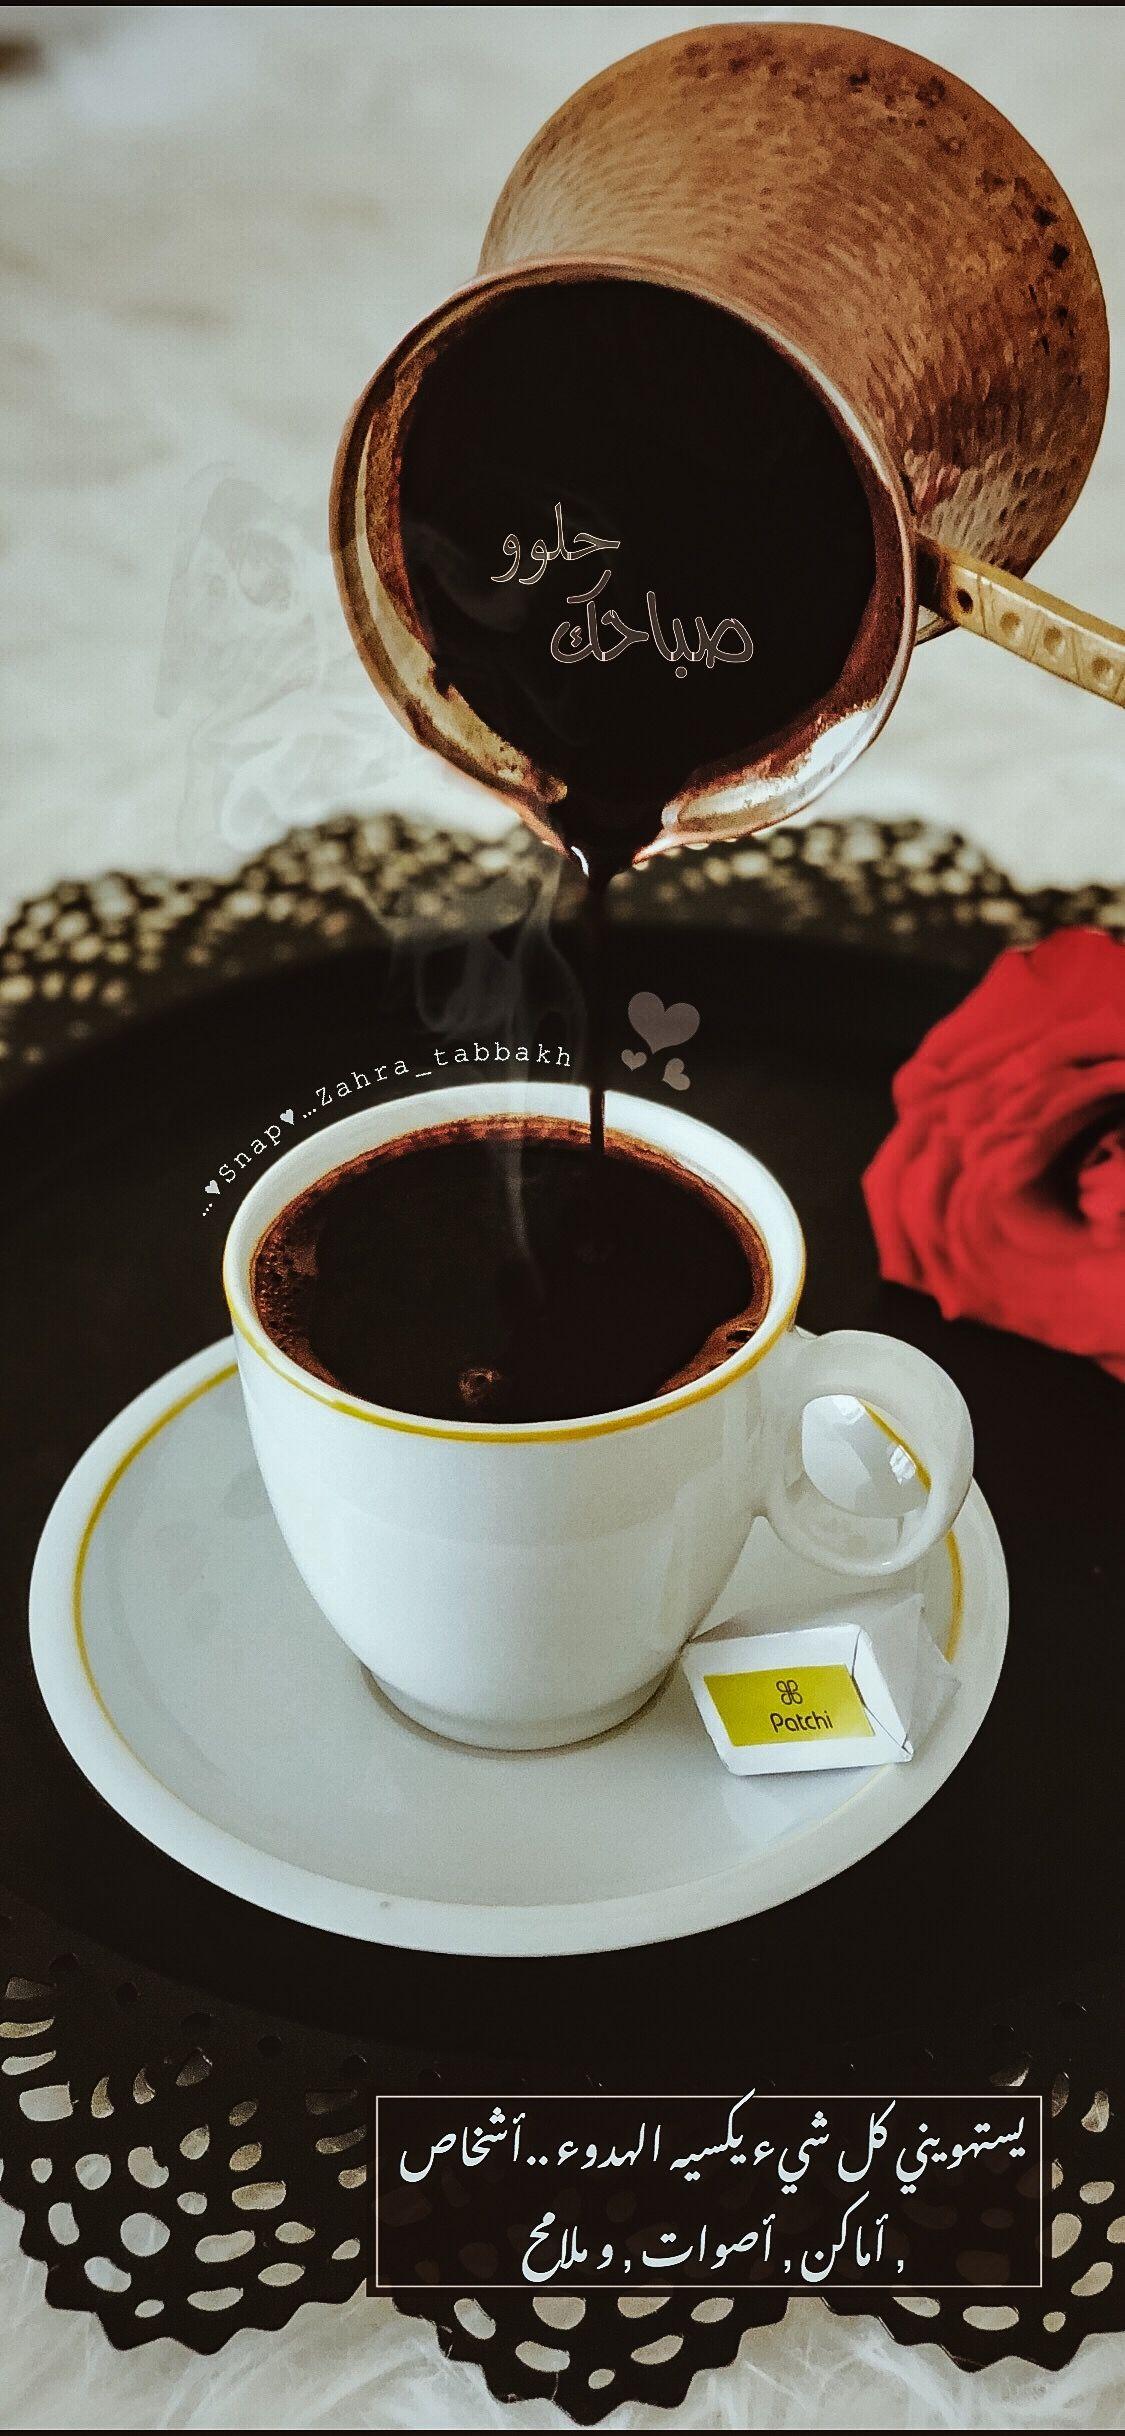 القهوة و المرأة Words Quotes Cool Words Positive Quotes